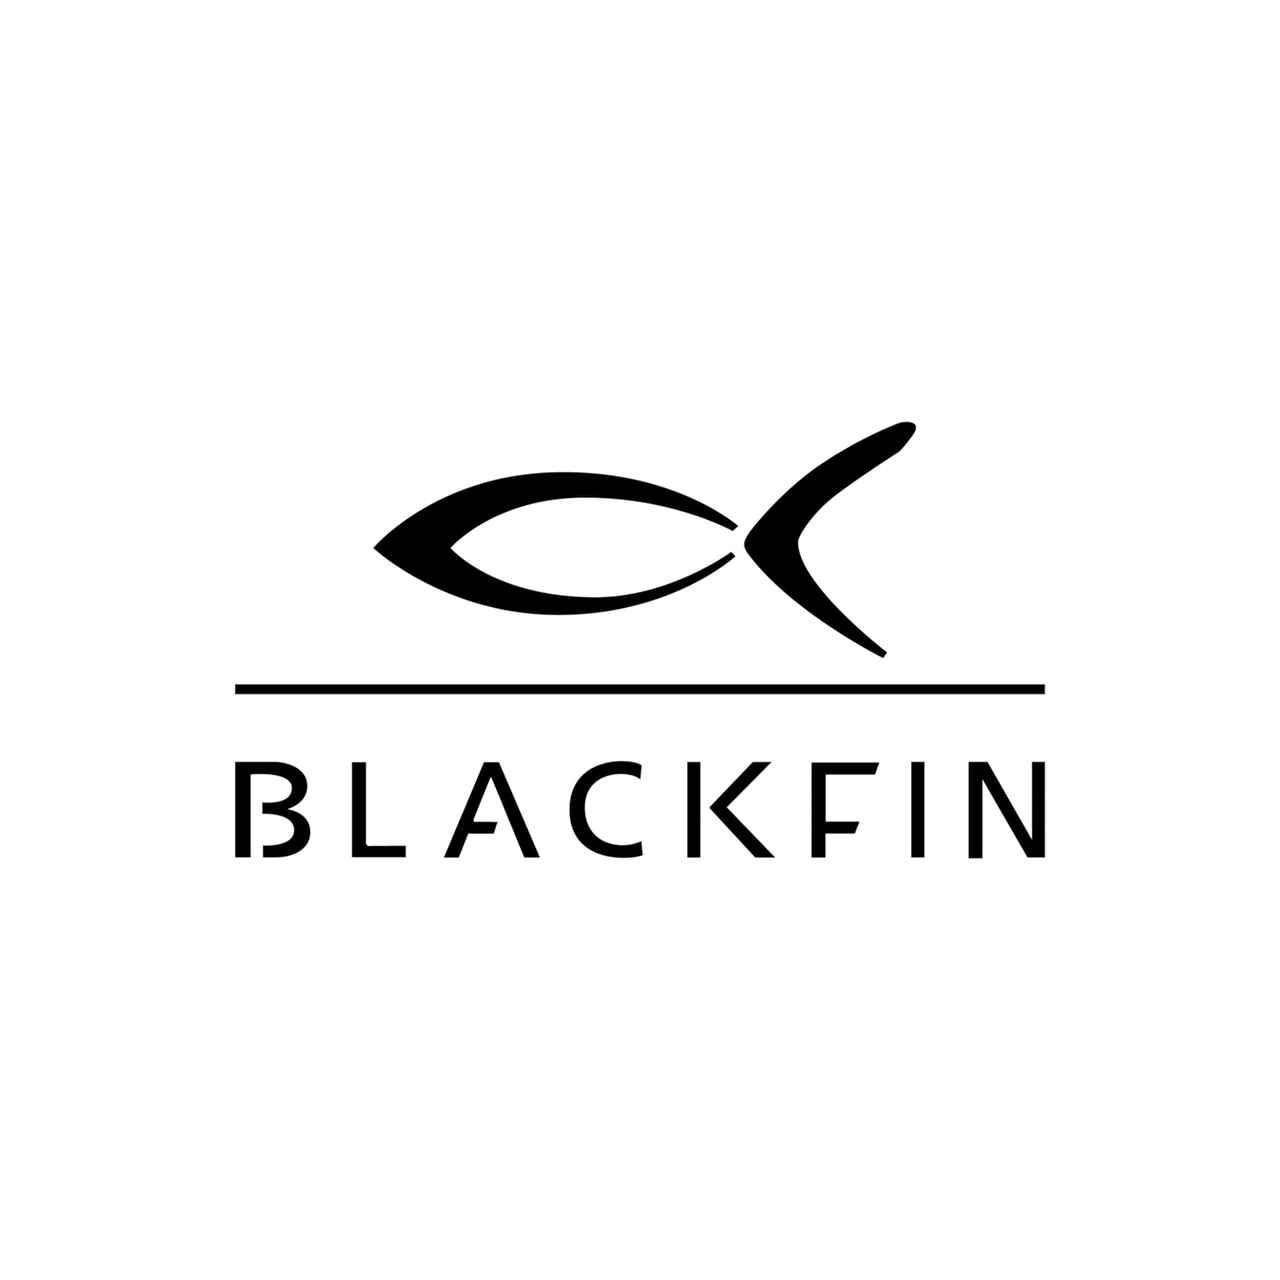 Blackfin-Logo-Vinyl-Decal